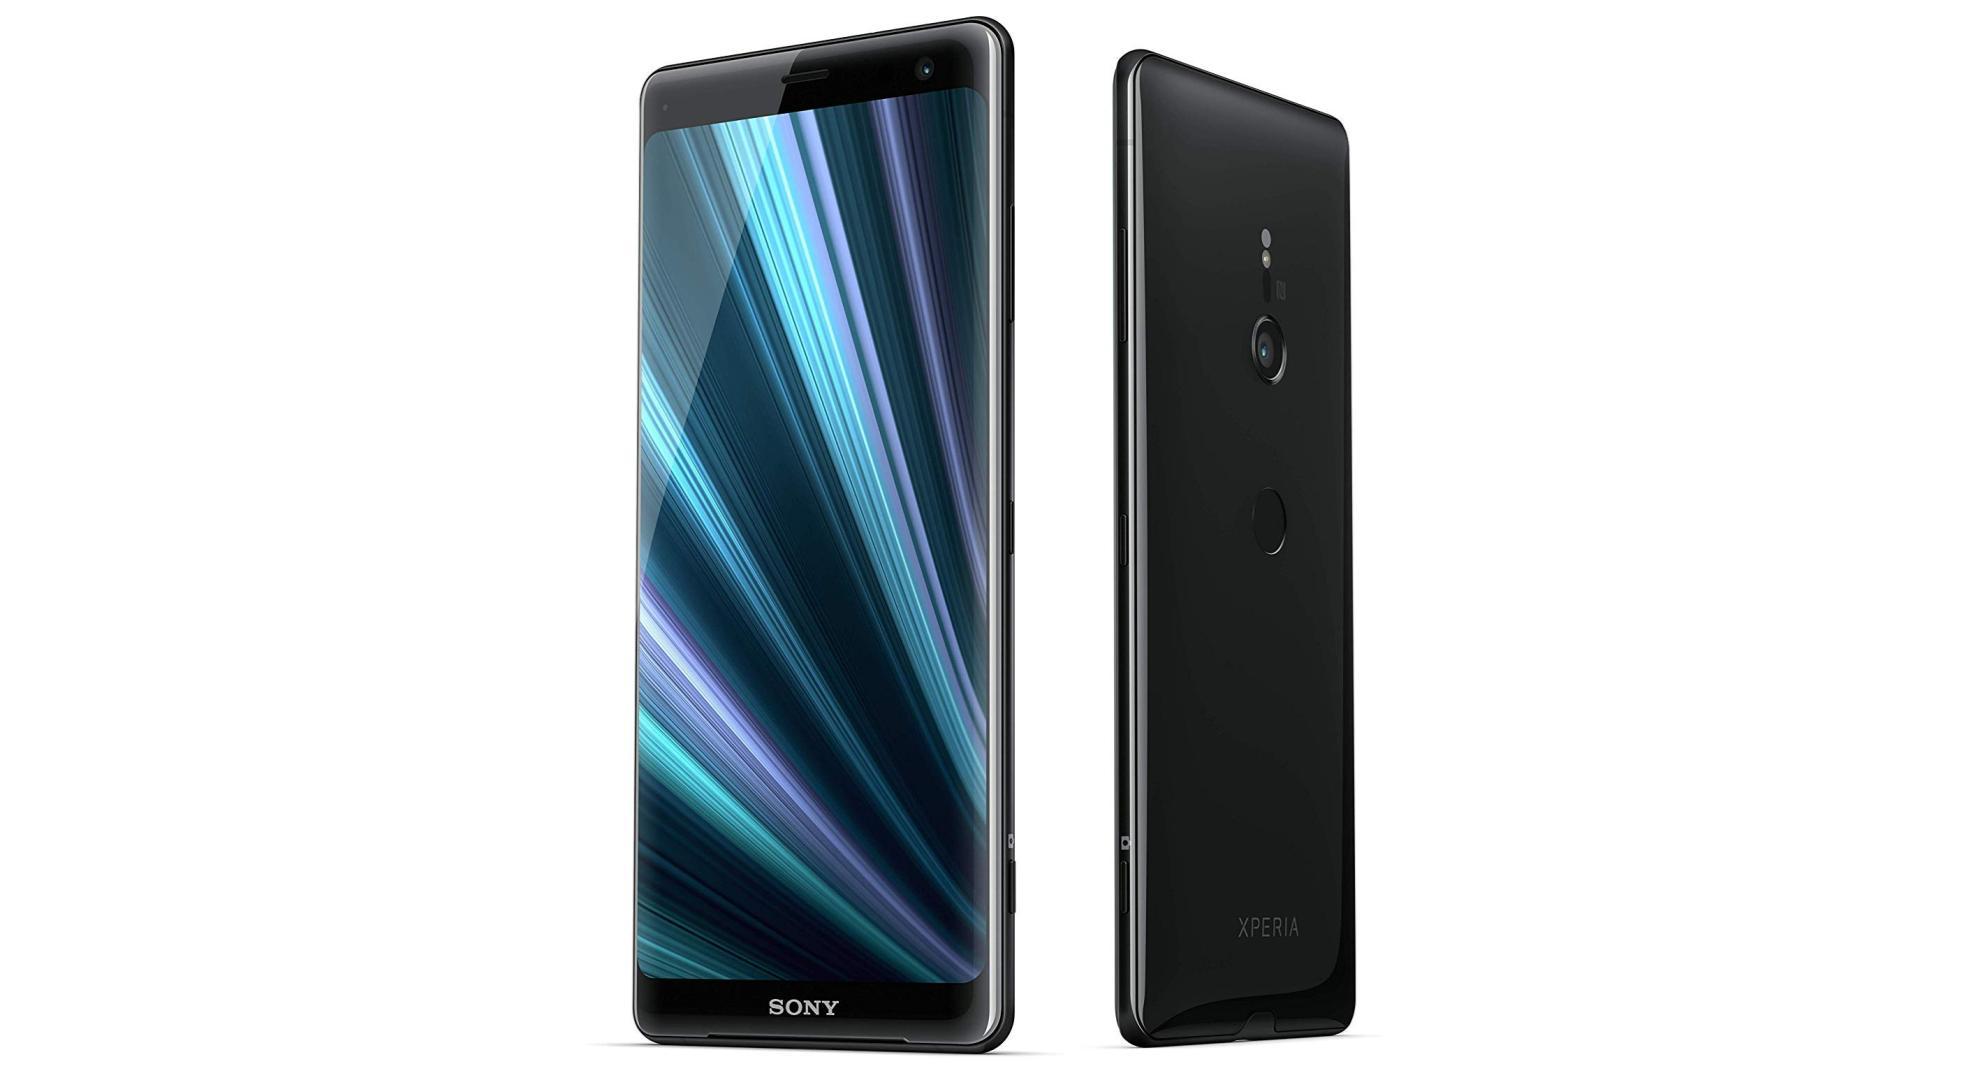 À 499 euros, le Sony Xperia XZ3 est au prix qu'il mérite